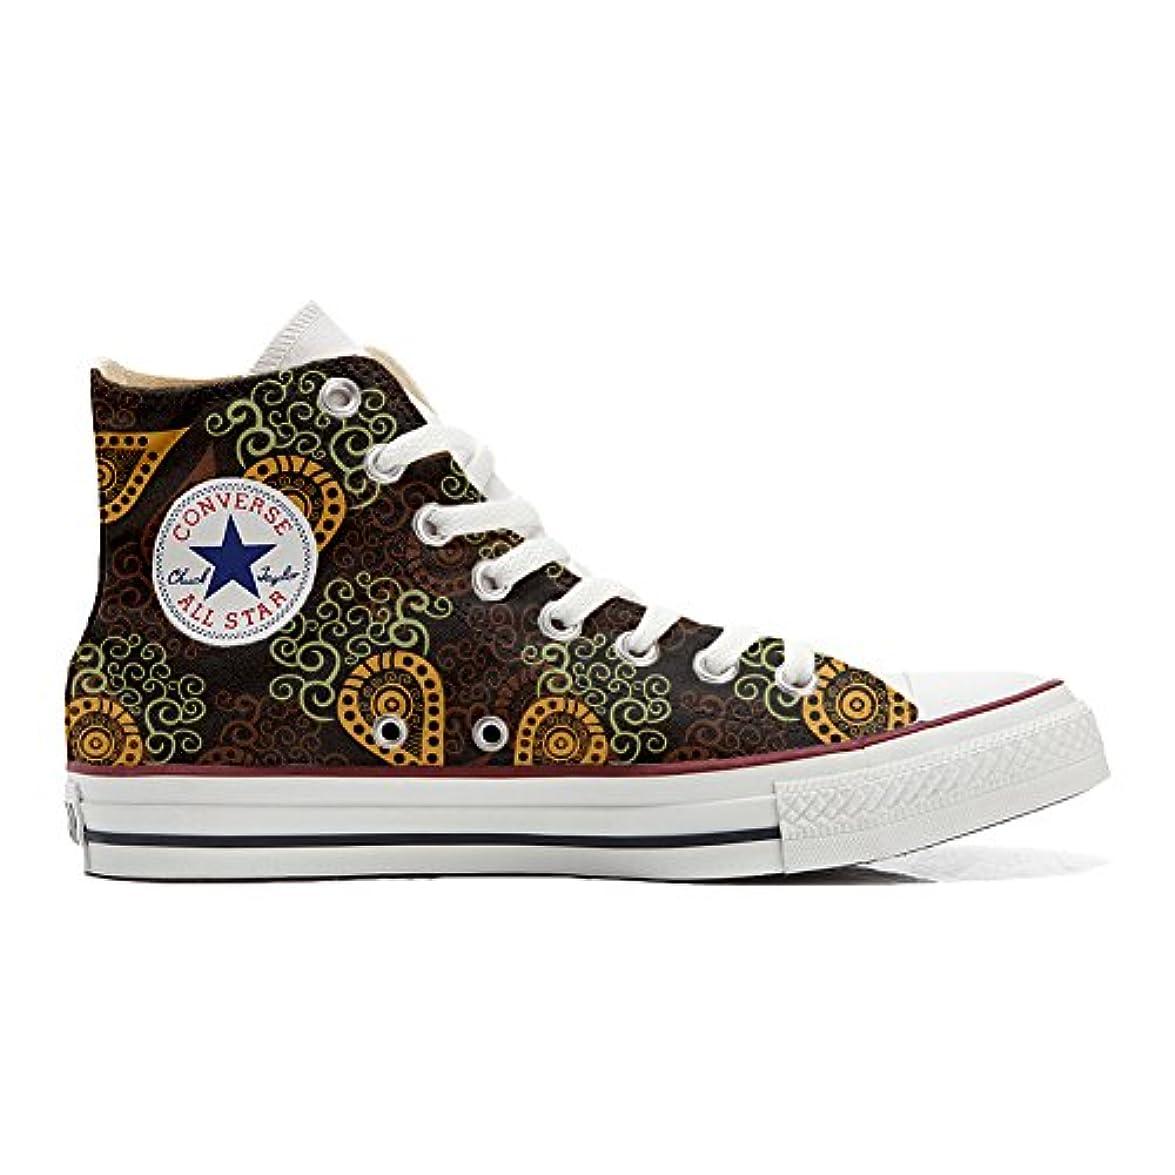 Converse All Star Scarpe Personalizzate scarpe Artigianali Brown Paisley